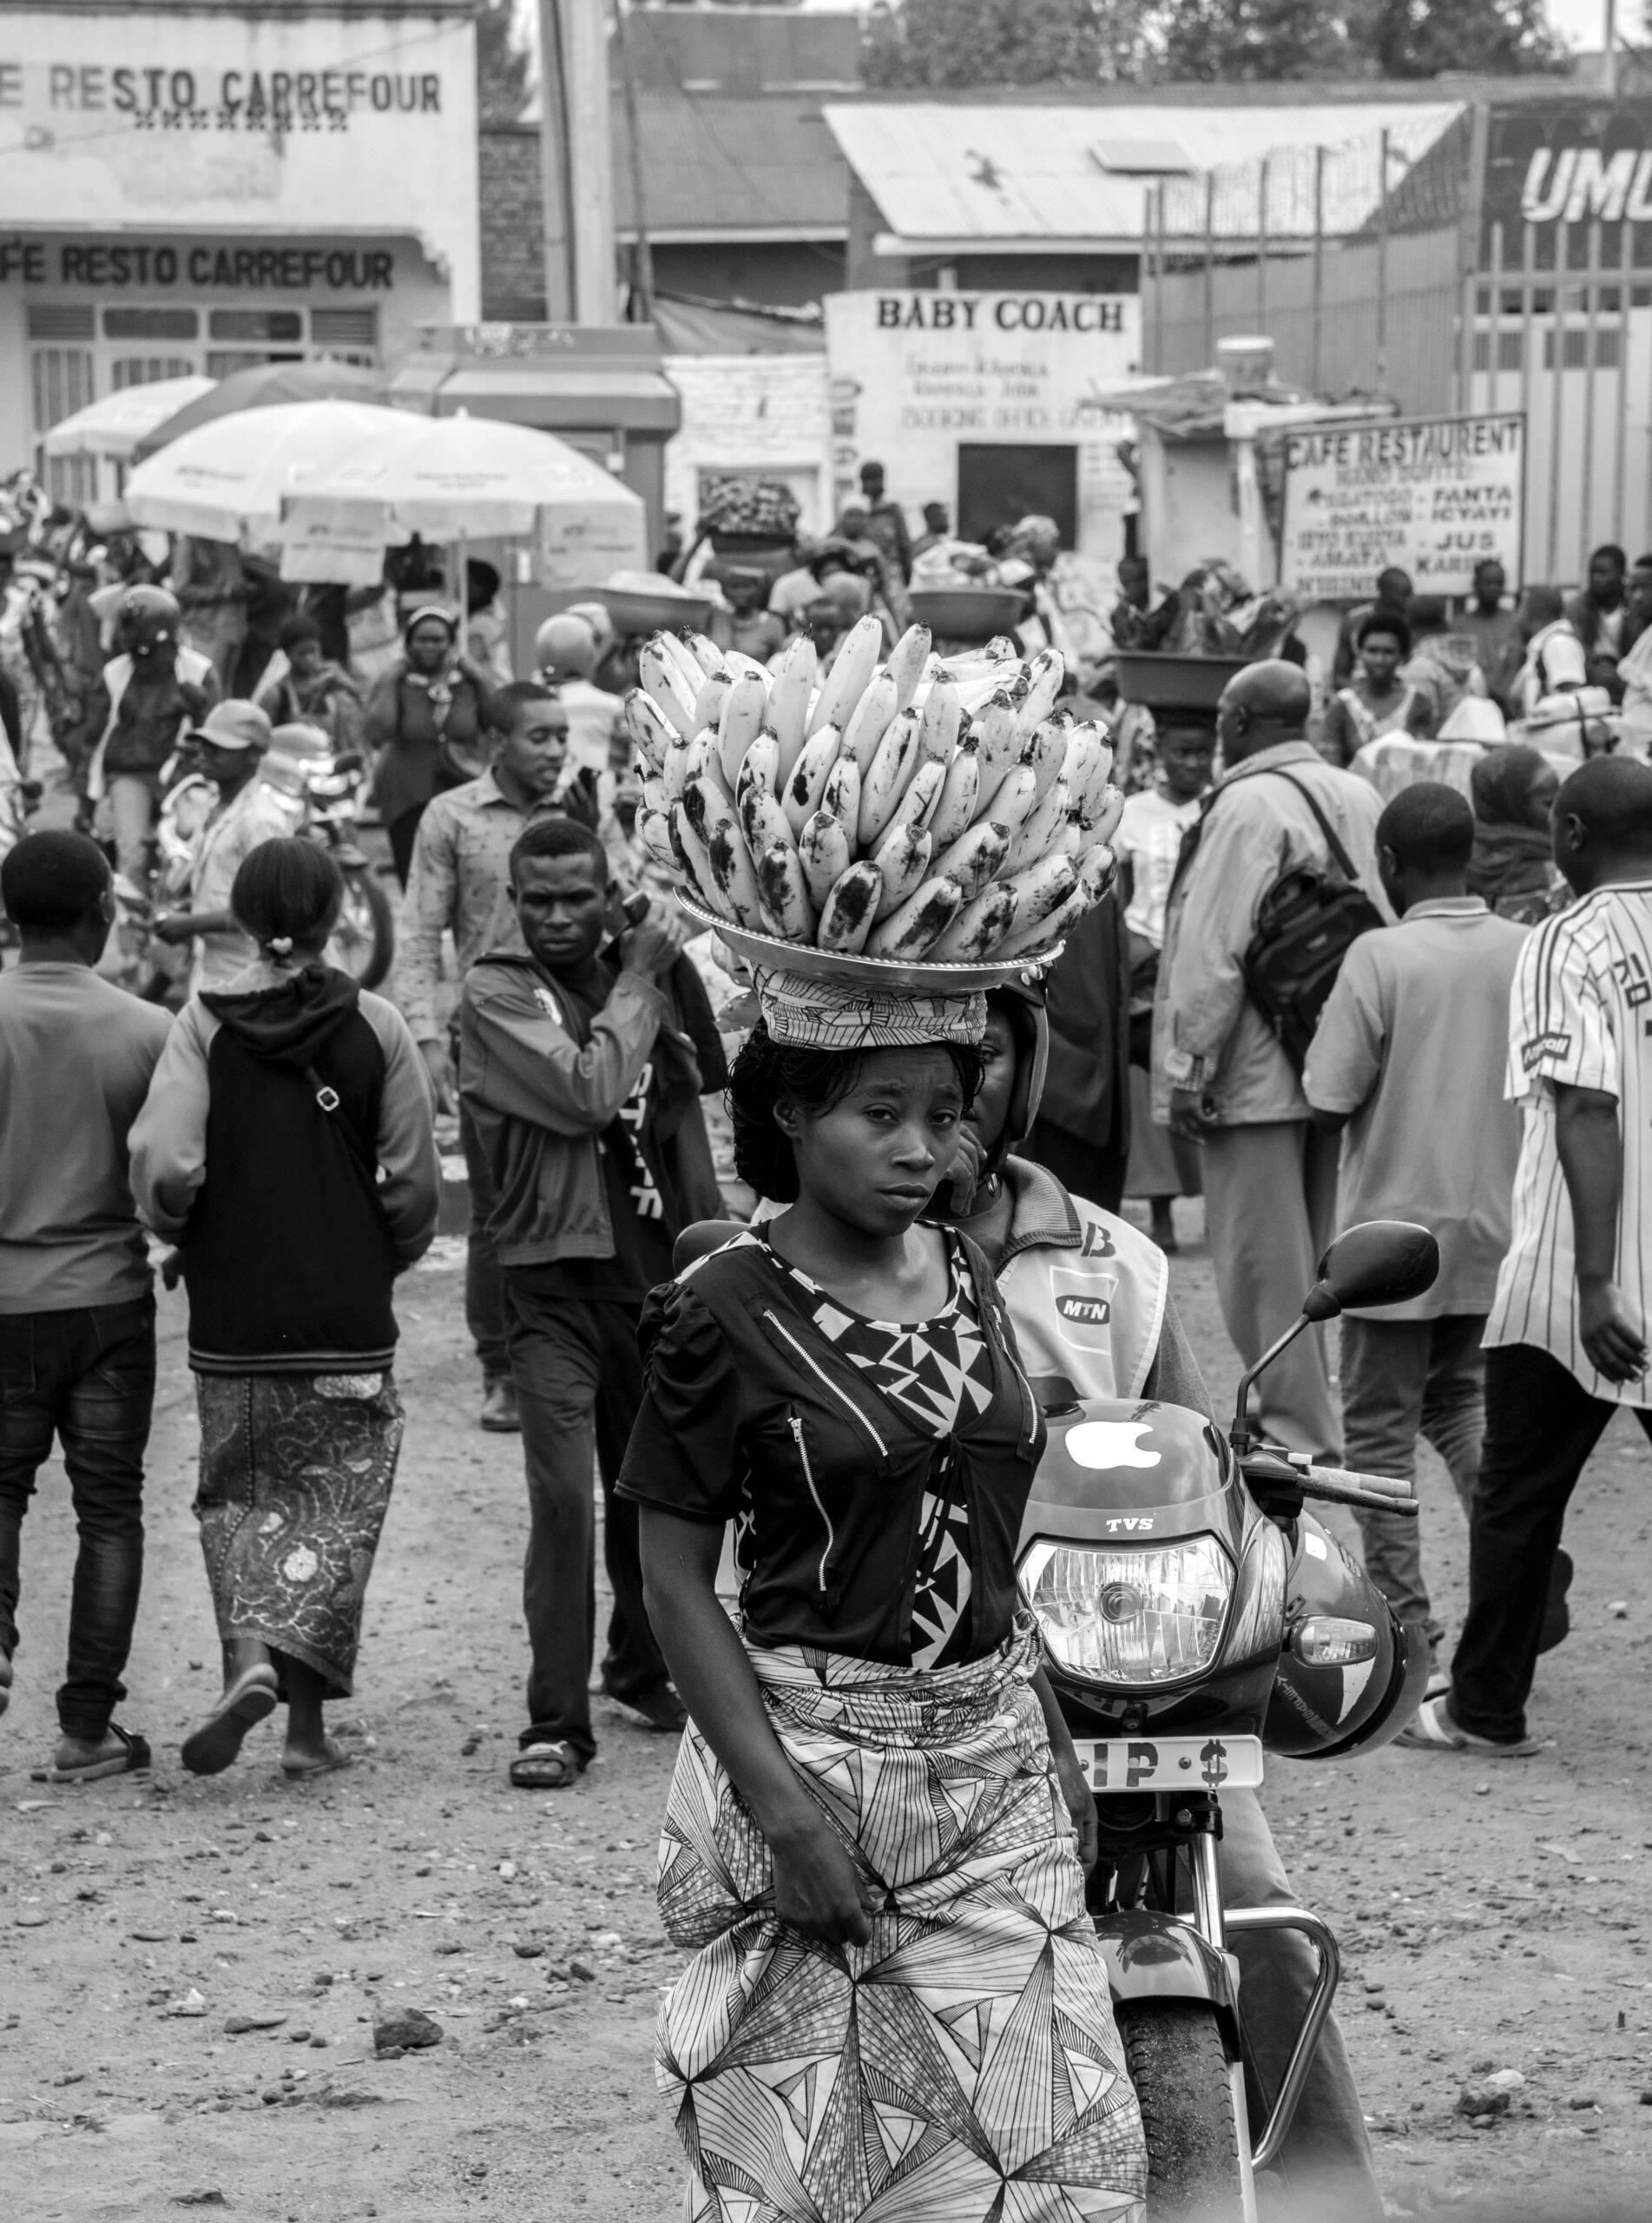 Em 2000, aconteceu a primeira epidemia da doença no Congo, na África. Segundo informações, a taxa de mortalidade chegou a 70%. (Foto: Unsplash)